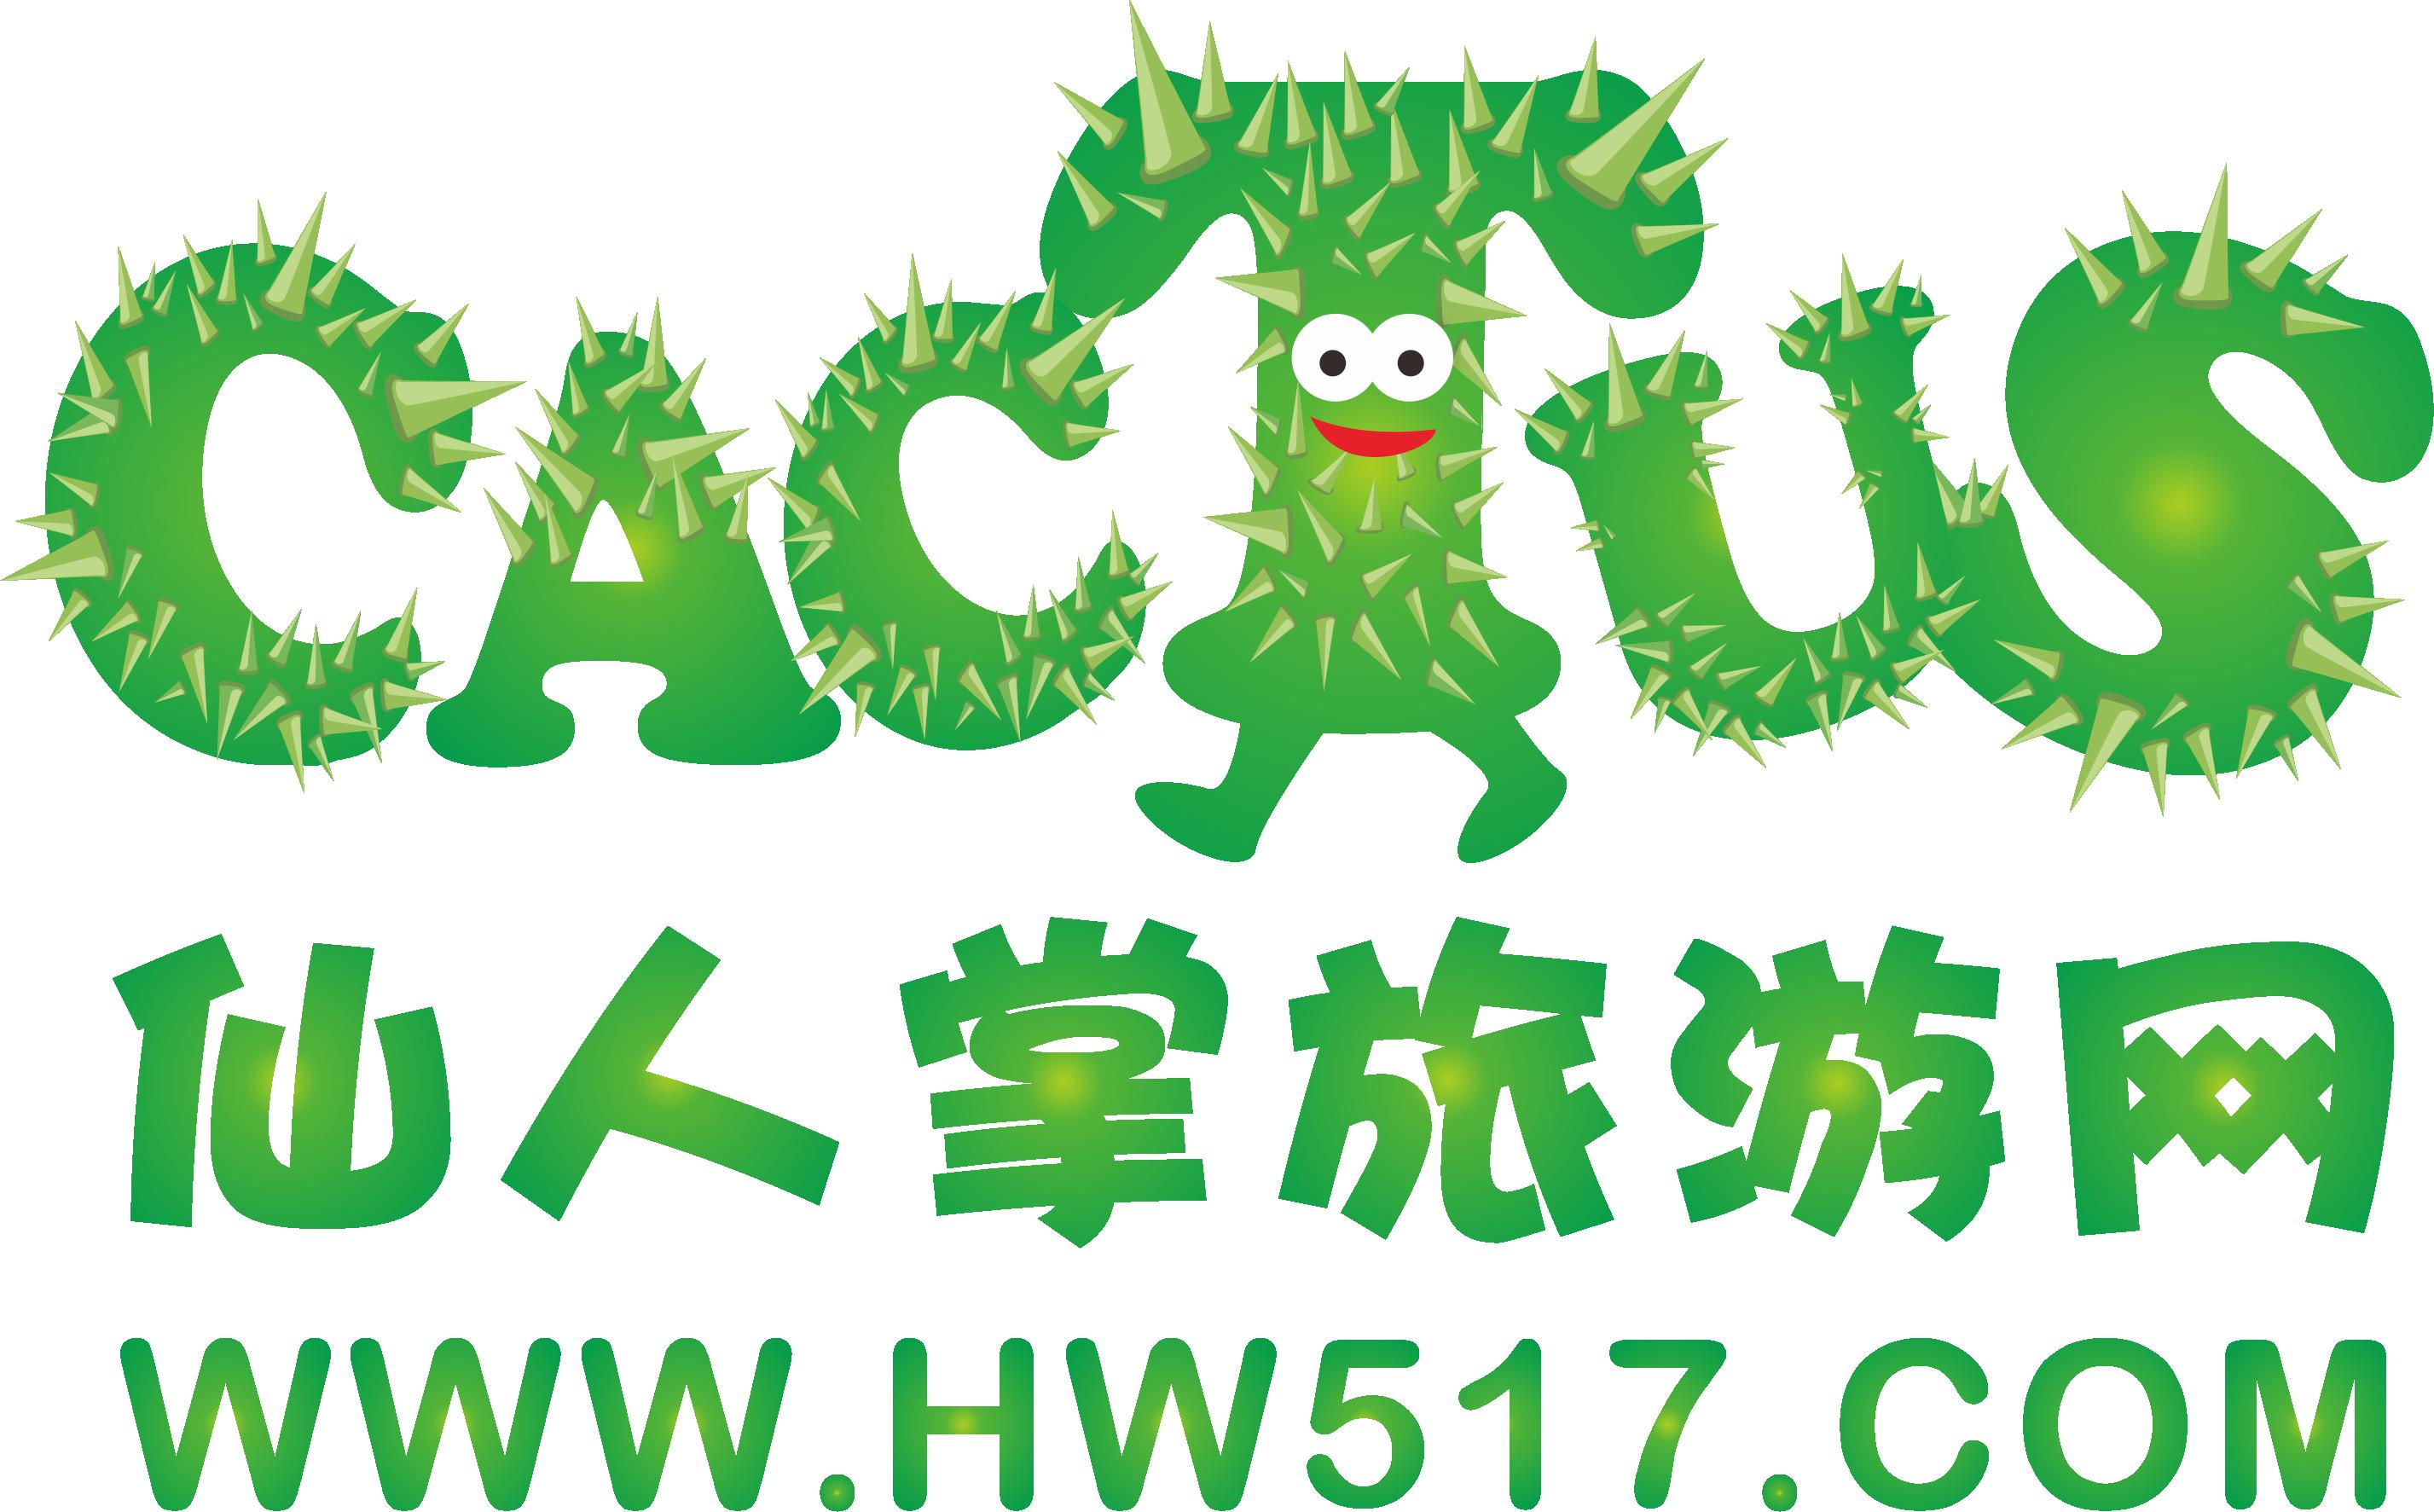 【新春.悠品】北京故宫、八达岭长城、颐和园一高一飞五日游